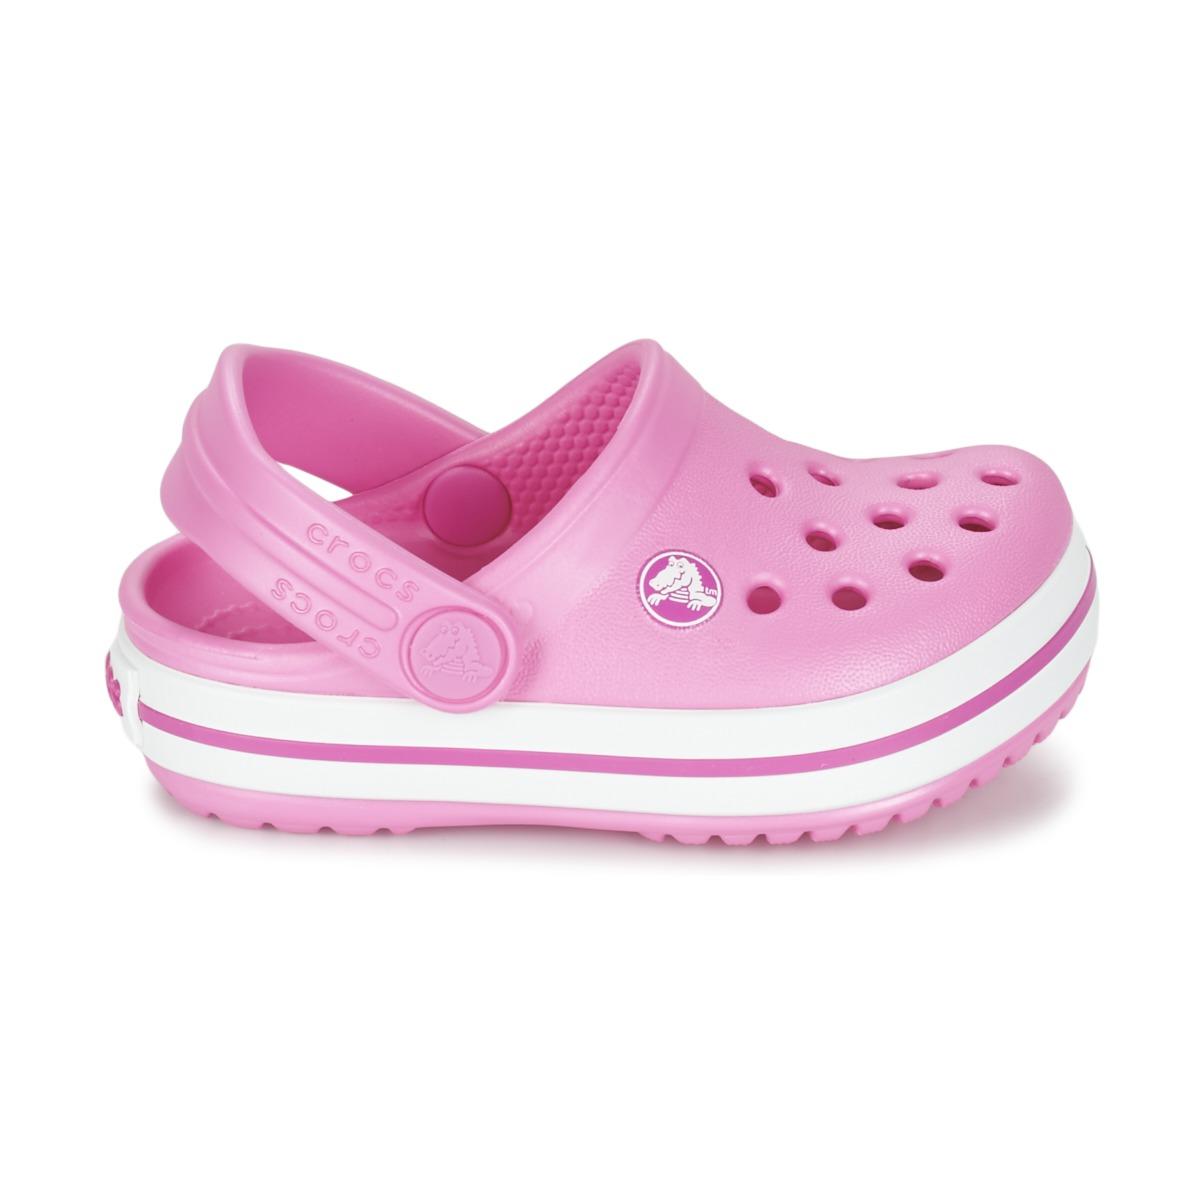 Τσόκαρα Crocs Crocband Clog Kids 1170260c99e